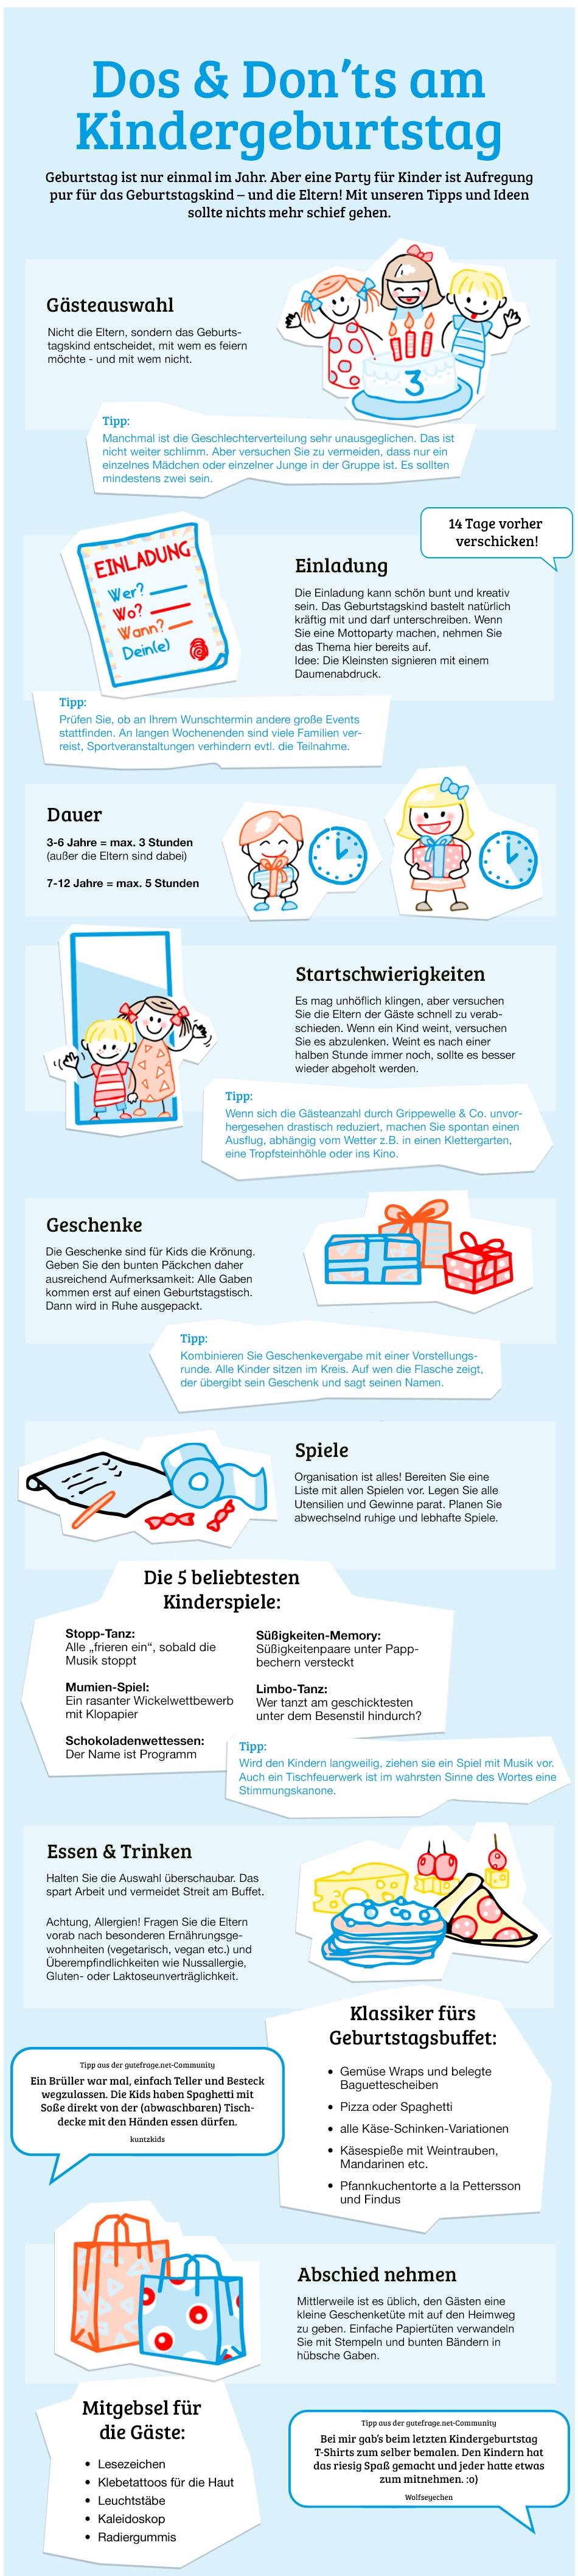 Infografik Tipps Für Den Perfekten Kindergeburtstag   Planung, Einladung,  Geschenke Und Rezepte